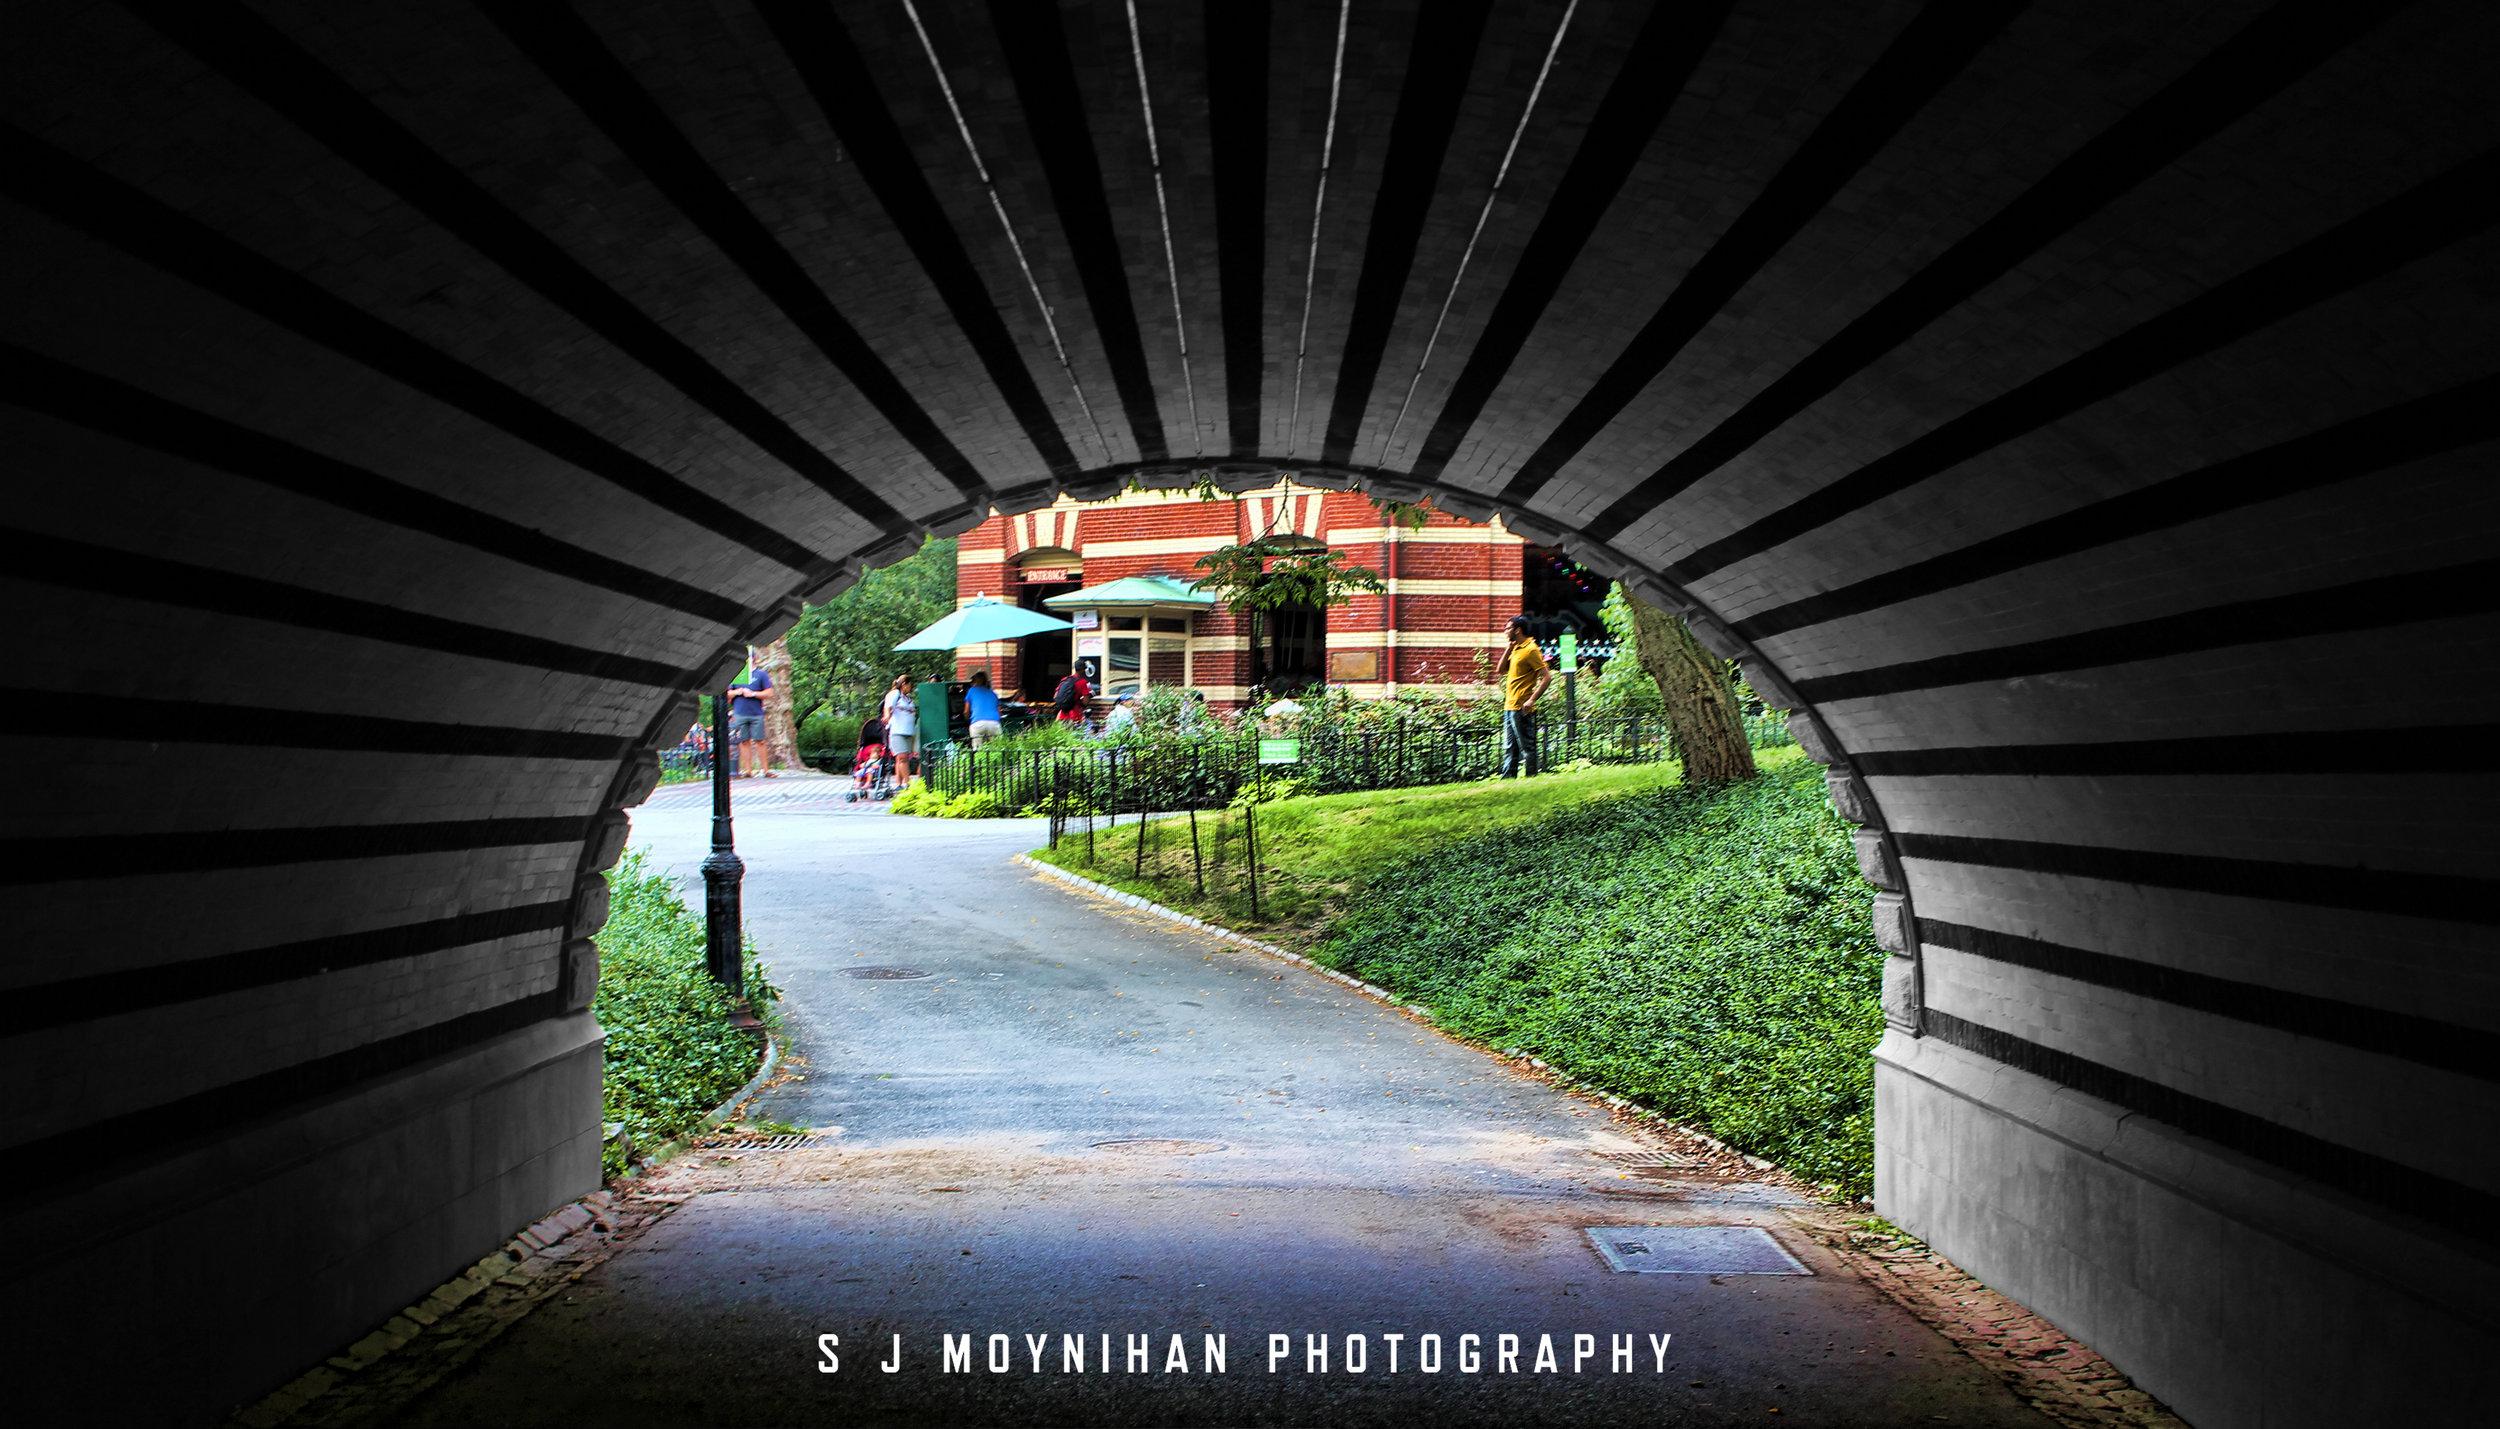 Central-Park-Tunnel-2.jpg